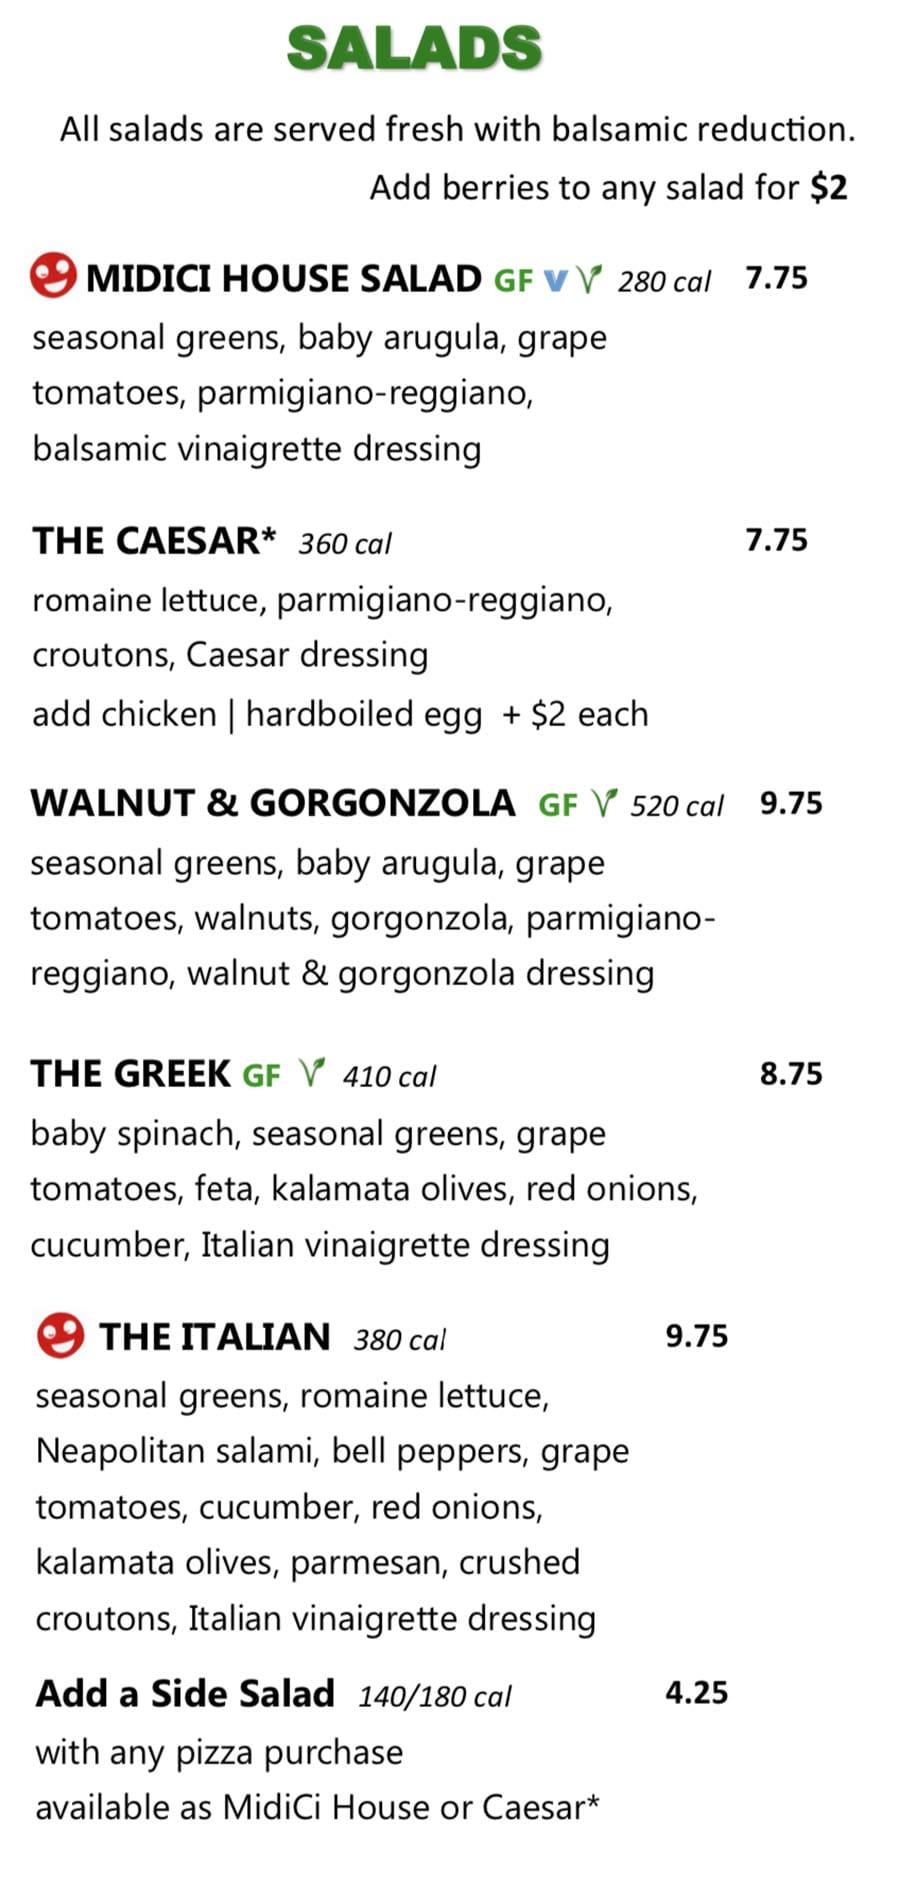 Midici Orem menu - salads